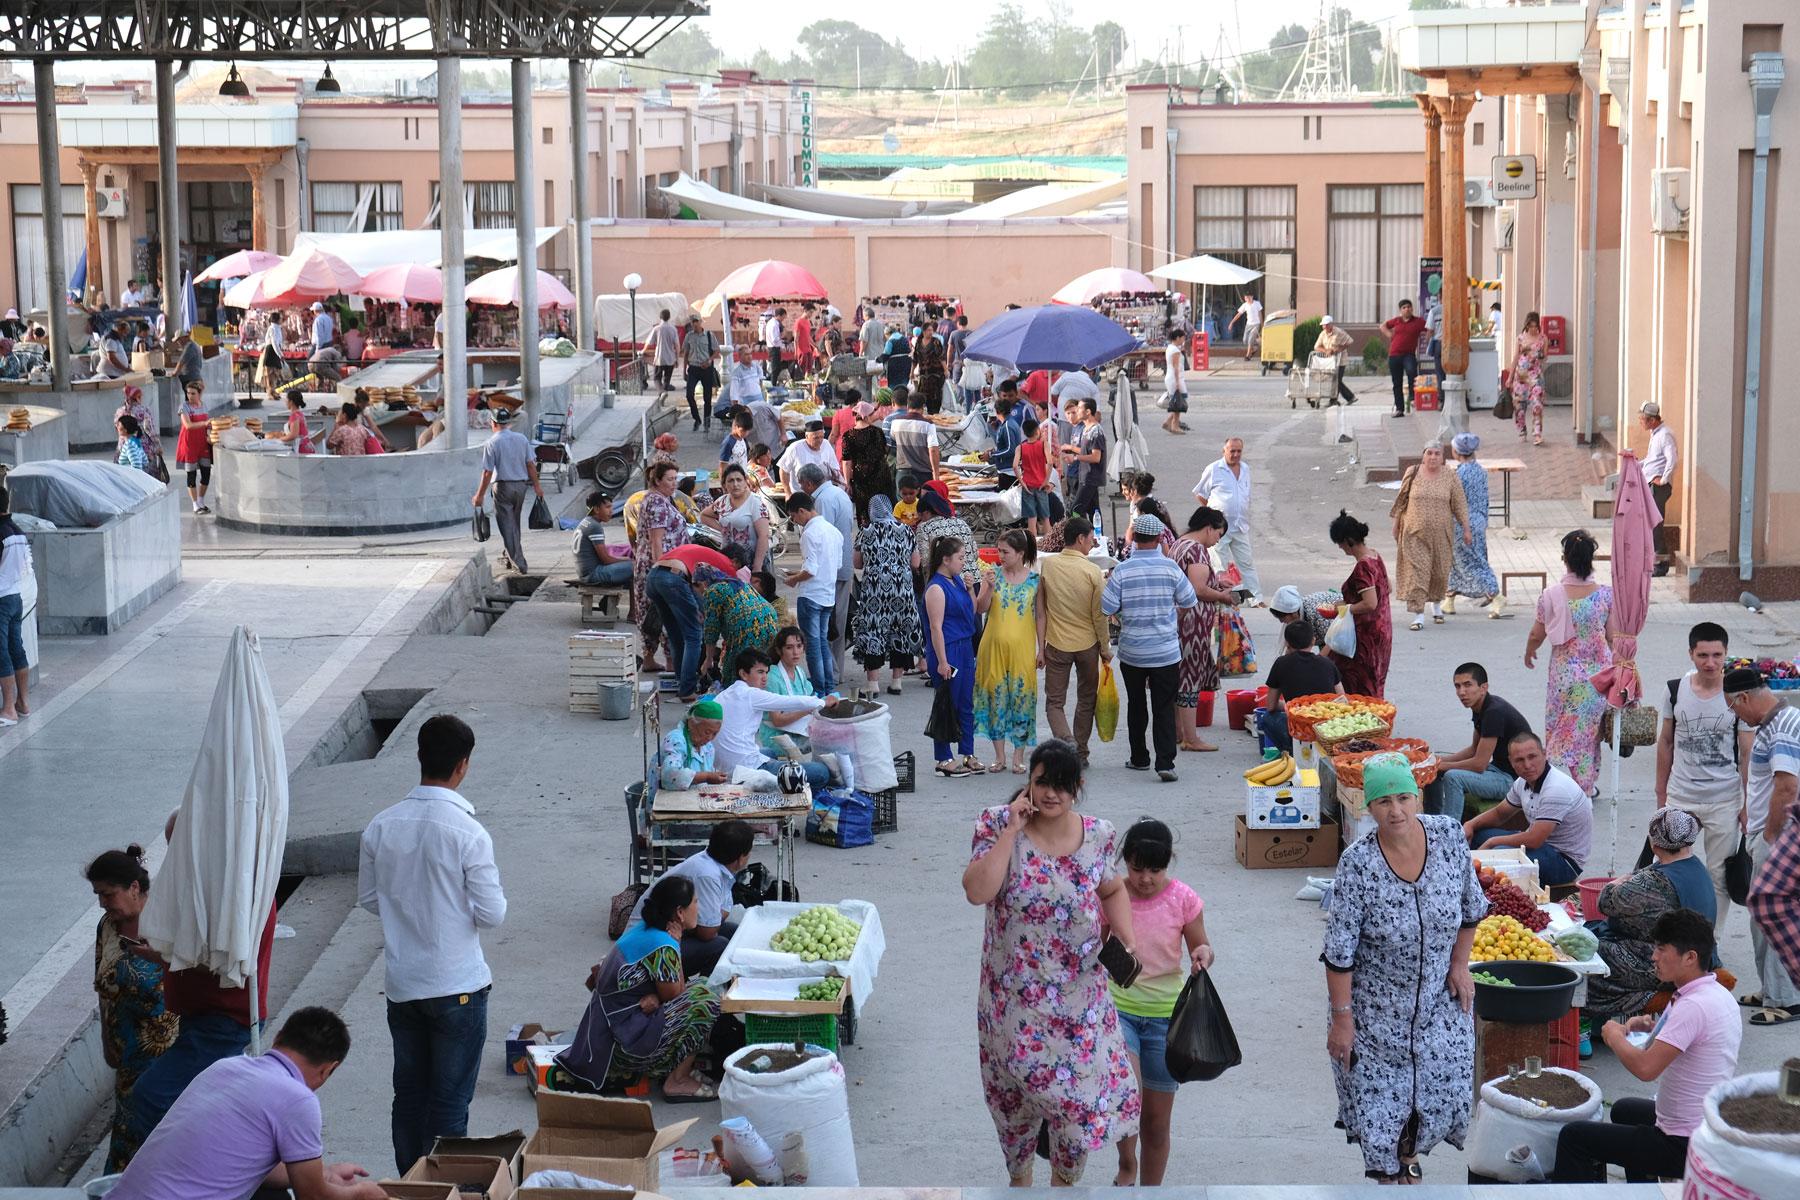 Unsere verbleibende Zeit in Samarkand nutzen wir für einen Ausflug zum Basar